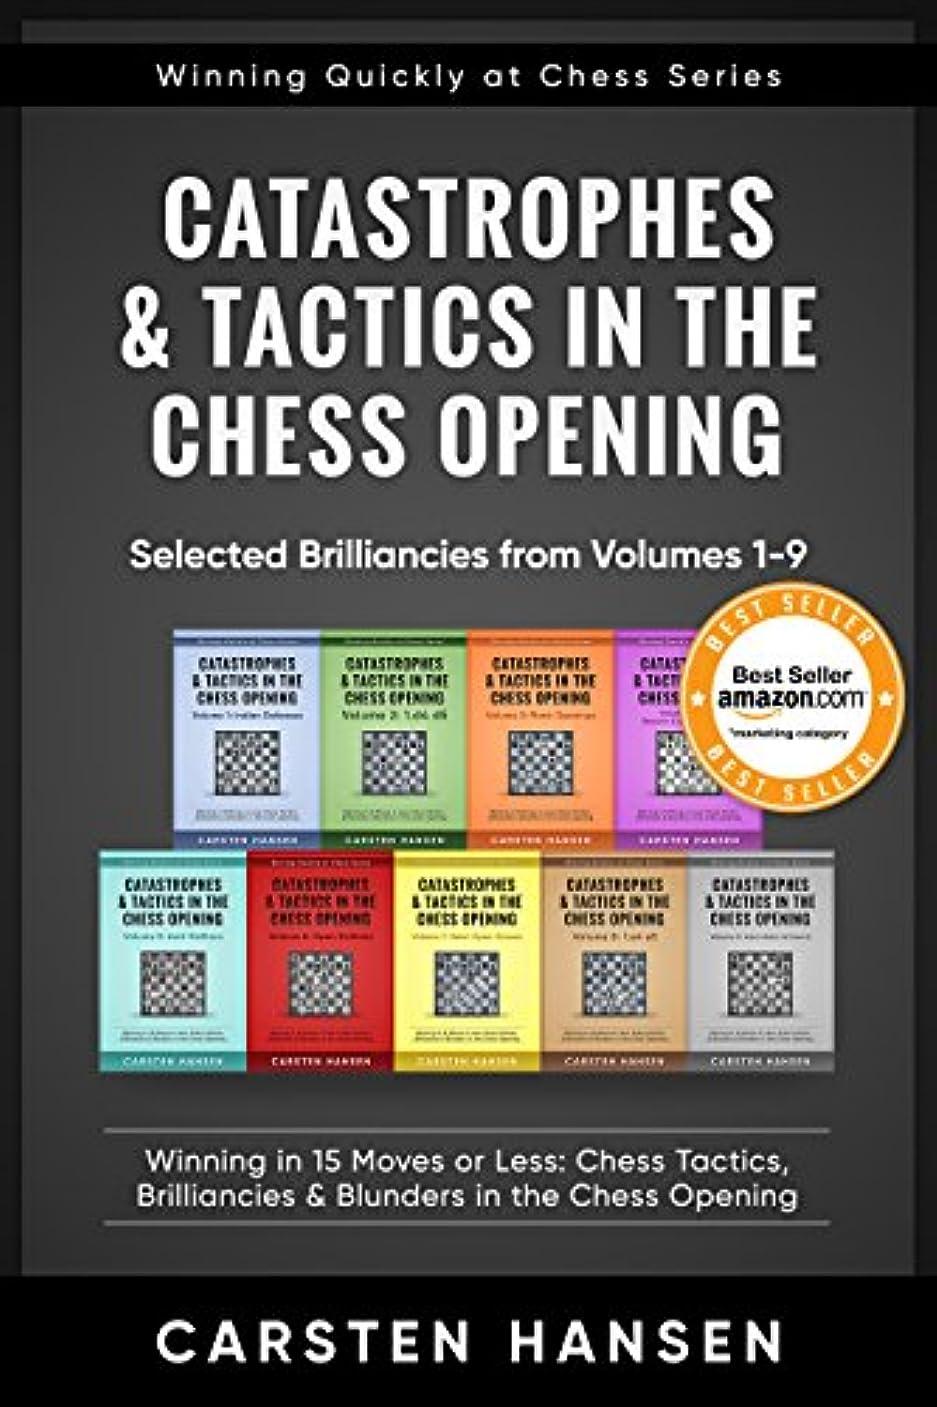 手綱スキップ転用Catastrophes & Tactics in the Chess Opening - Selected Brilliancies from Volumes 1-9: Winning in 15 Moves or Less: Chess Tactics, Brilliancies & Blunders ... at Chess Series Book 10) (English Edition)